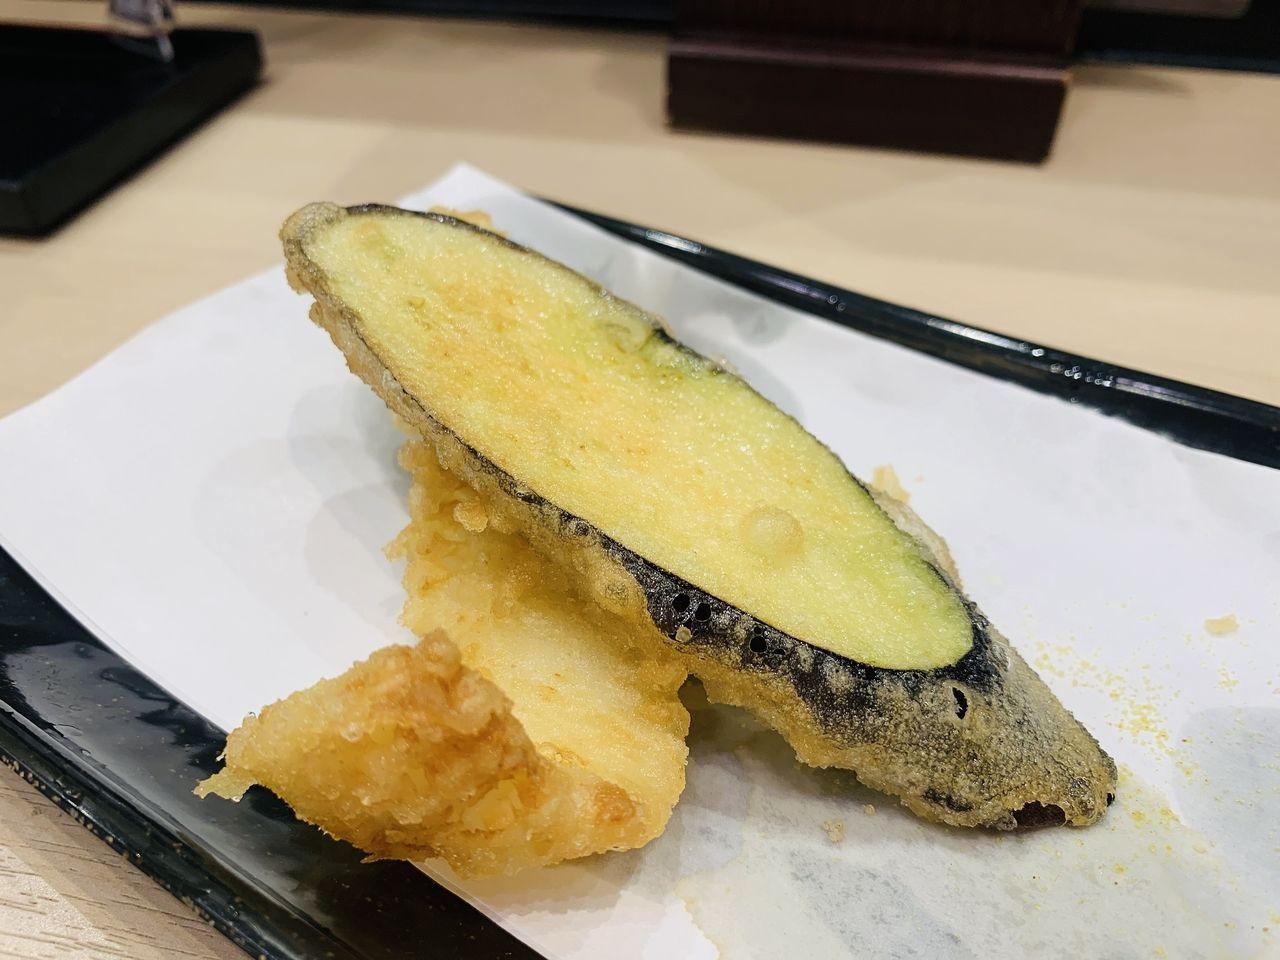 【三郷市食べ歩きブログ】ららぽーと新三郷に入っている博多天ぷら「北里」に行ってきました!